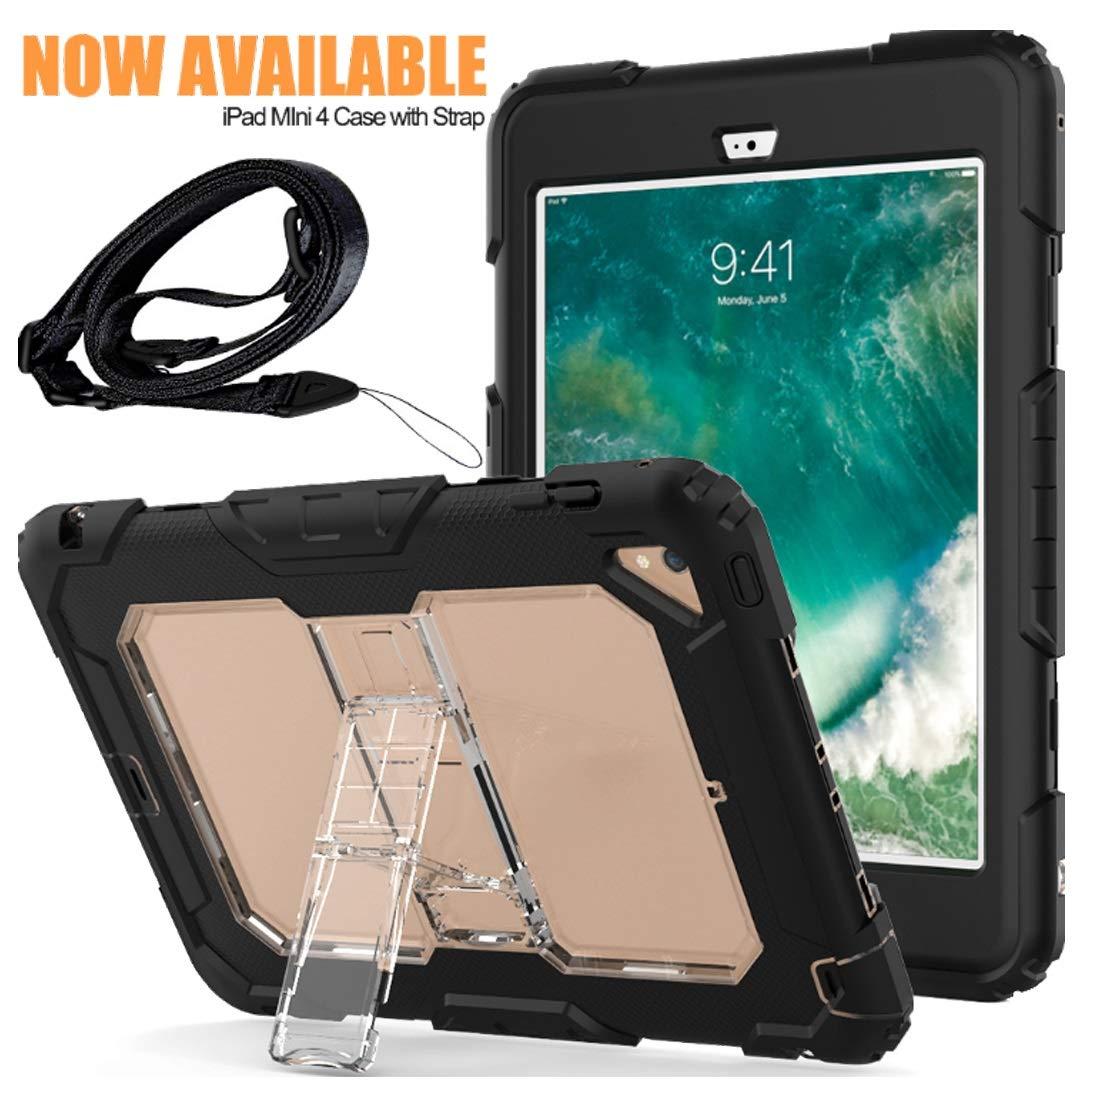 ビッグ割引 KRPENRIO iPad 9.7ケース B07L8B6G8H 2018/2017 iPad Mini対応 高耐久 フルボディ フルボディ 保護ケース 頑丈 保護ケース スクリーンプロテクター内蔵 (カラー:ゴールド サイズ:2018 iPad9.7) B07L8B6G8H, APOA:bf200906 --- a0267596.xsph.ru